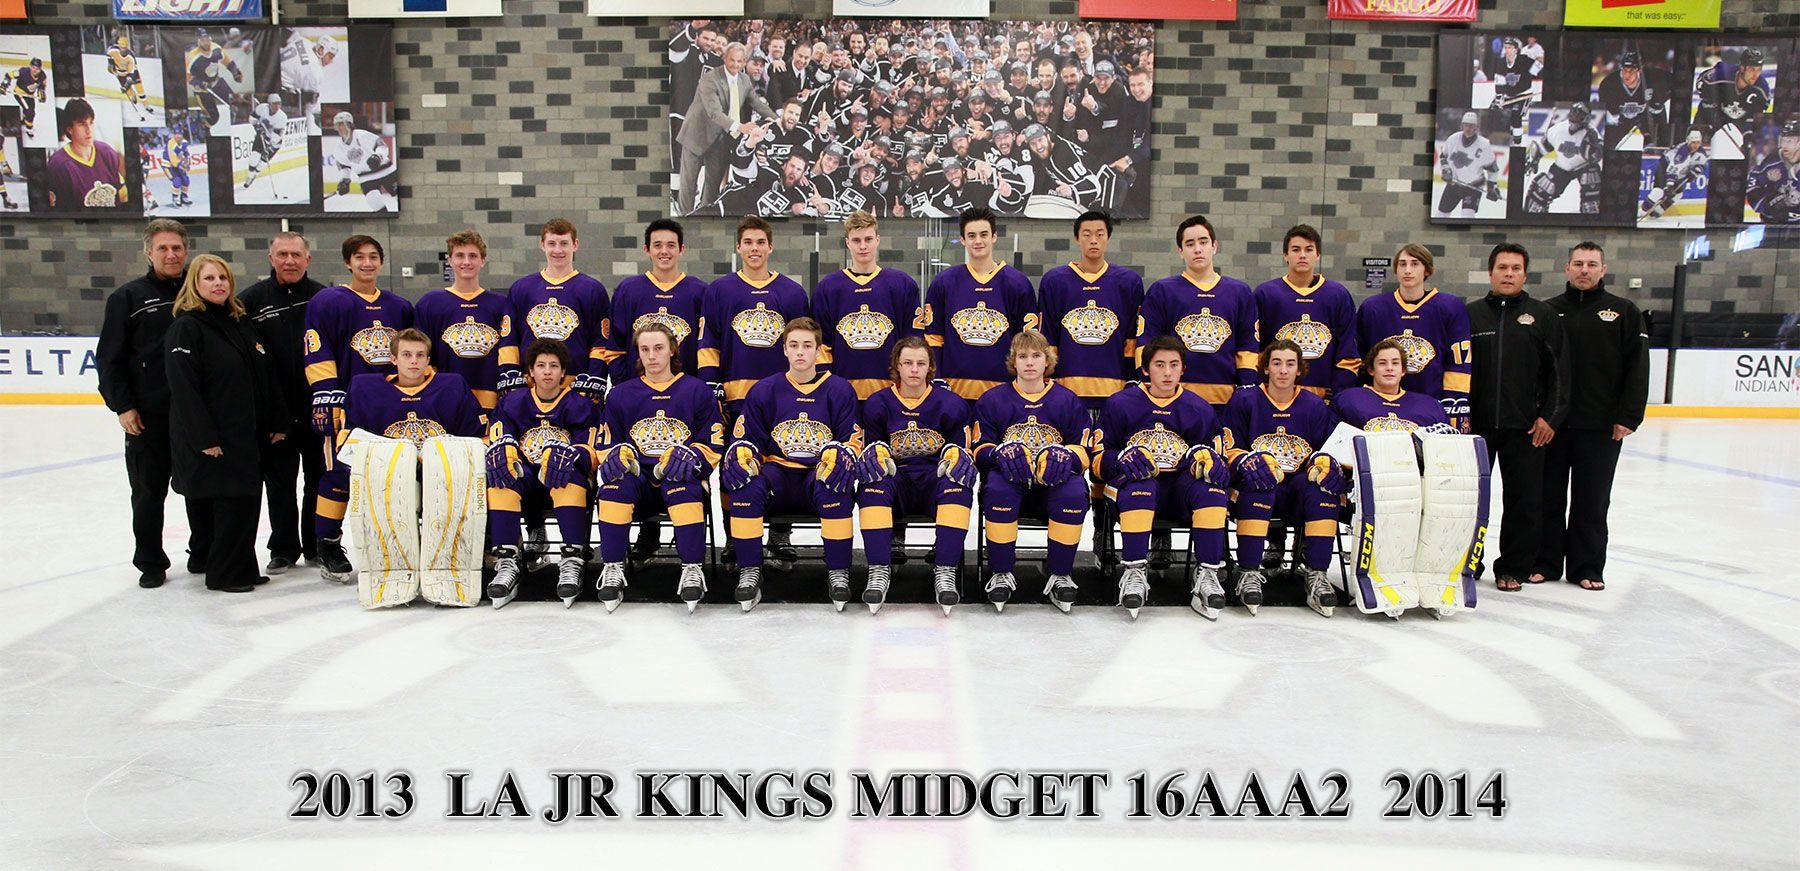 1la_jr_kings_16aaa2.jpg